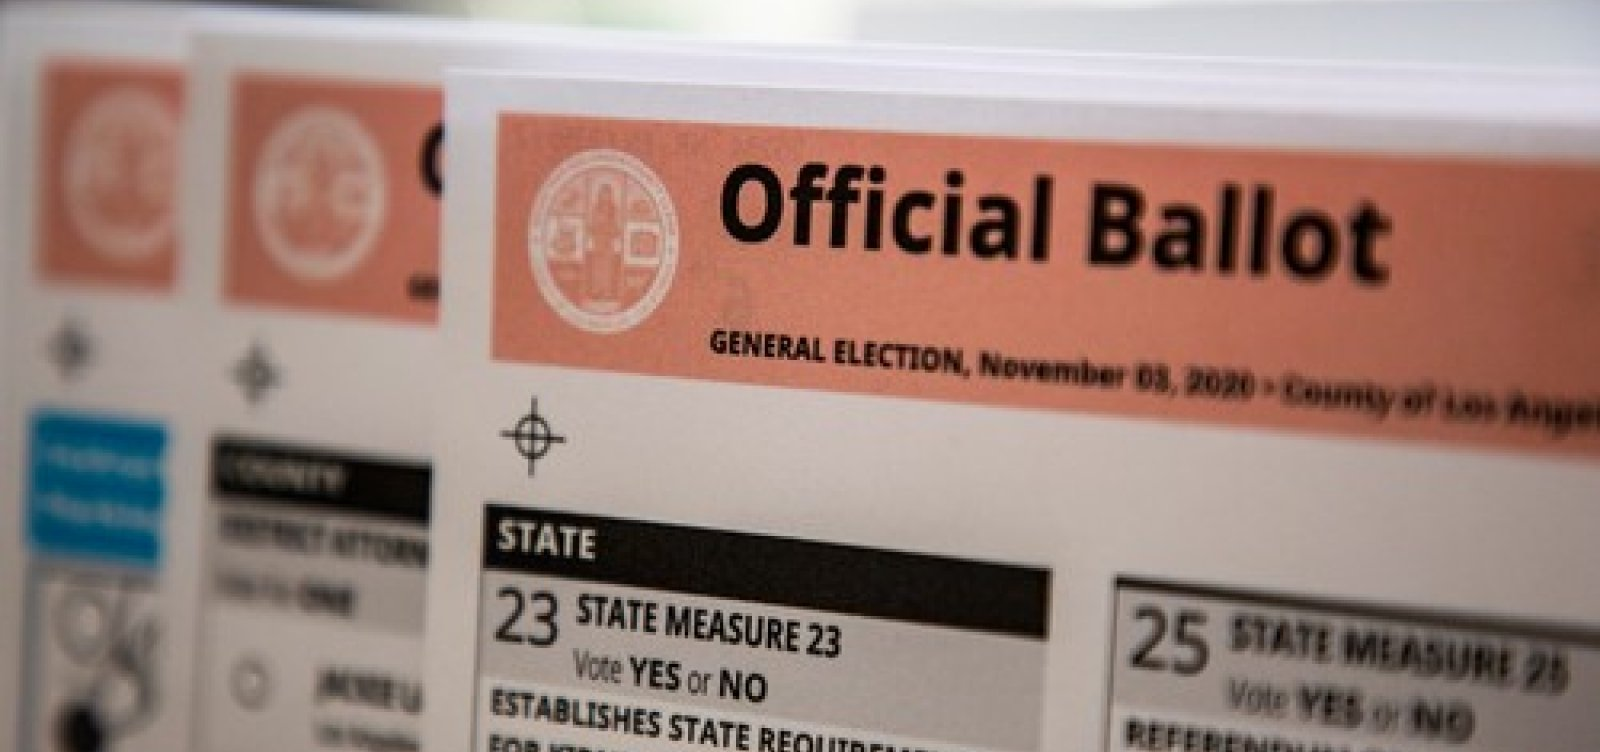 [Eleições EUA: Partido Republicano da Califórnia admite ter instalado caixas falsas para depósitos de votos ]